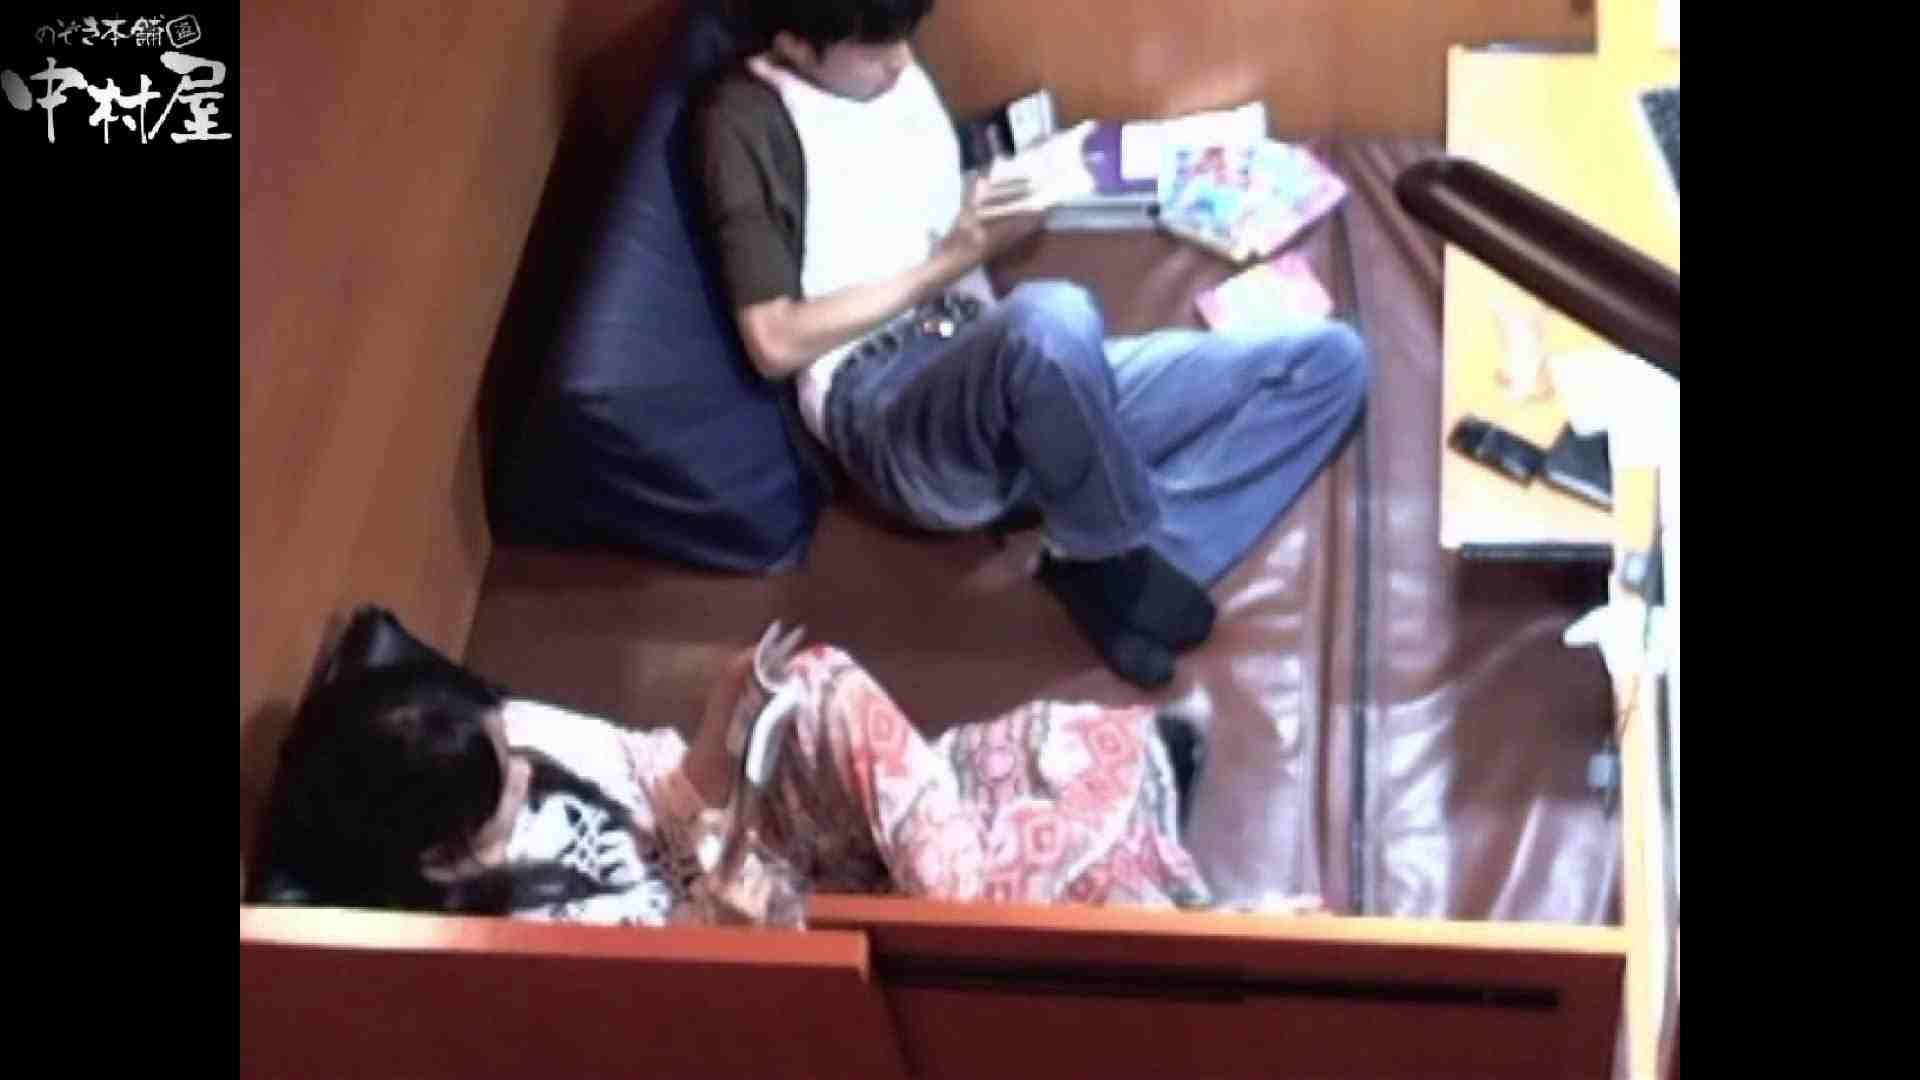 ネットカフェ盗撮師トロントさんの 素人カップル盗撮記vol.1 フェラチオ | OLセックス  63画像 1